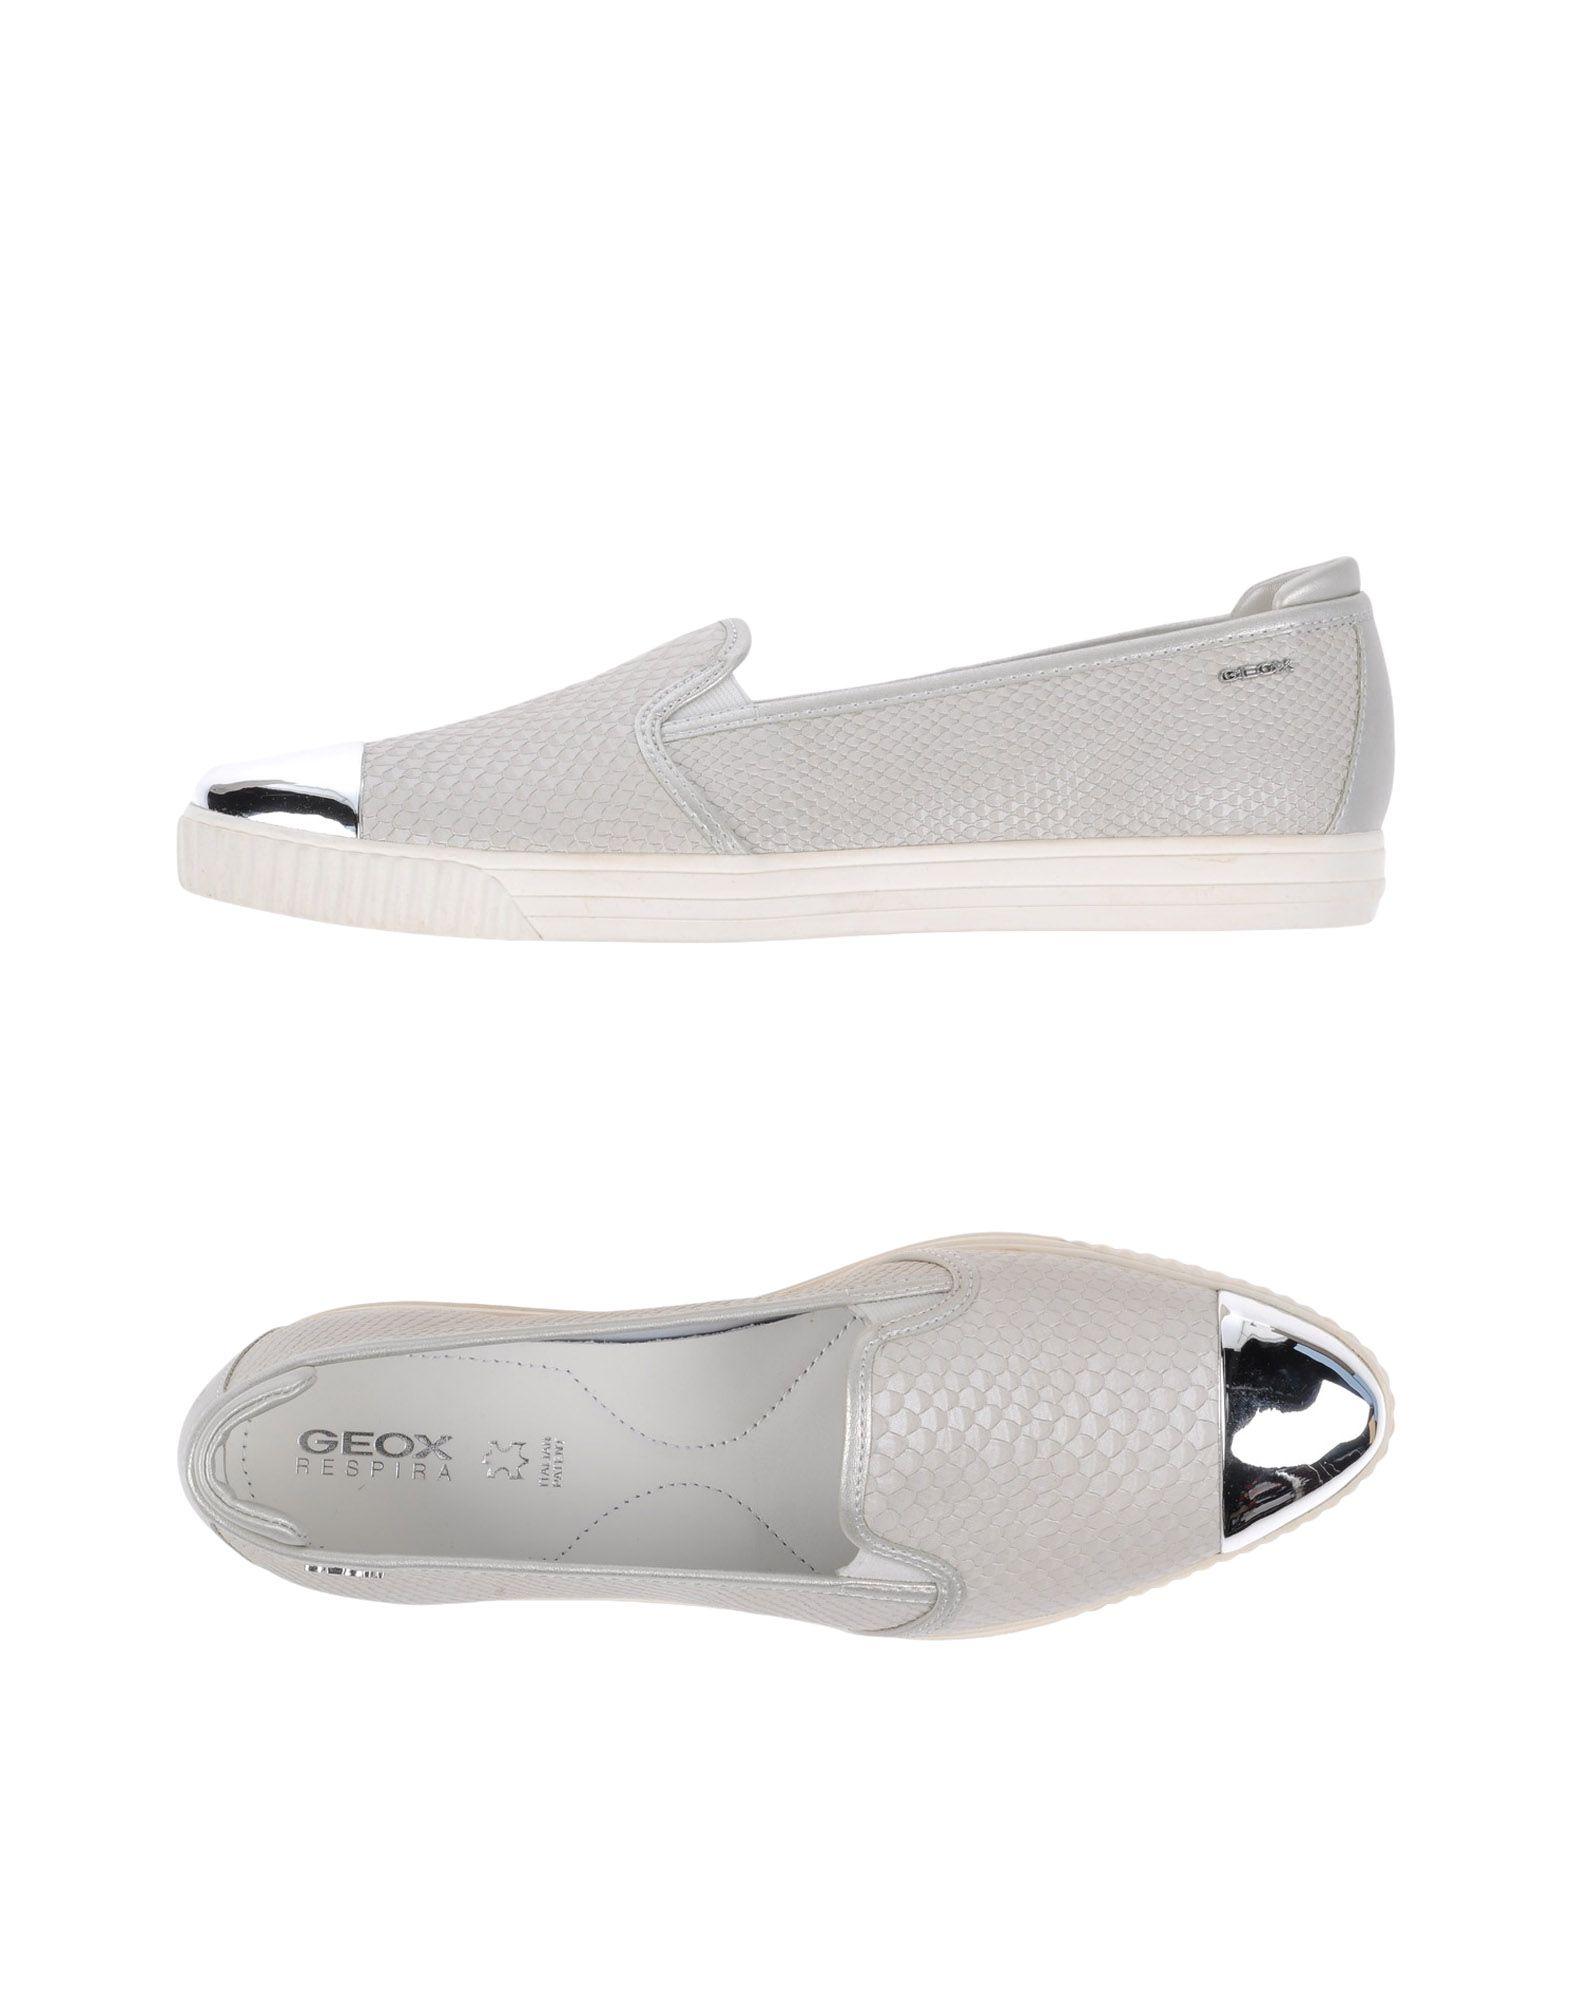 Sneakers Geox Donna - 11313798FN elegante